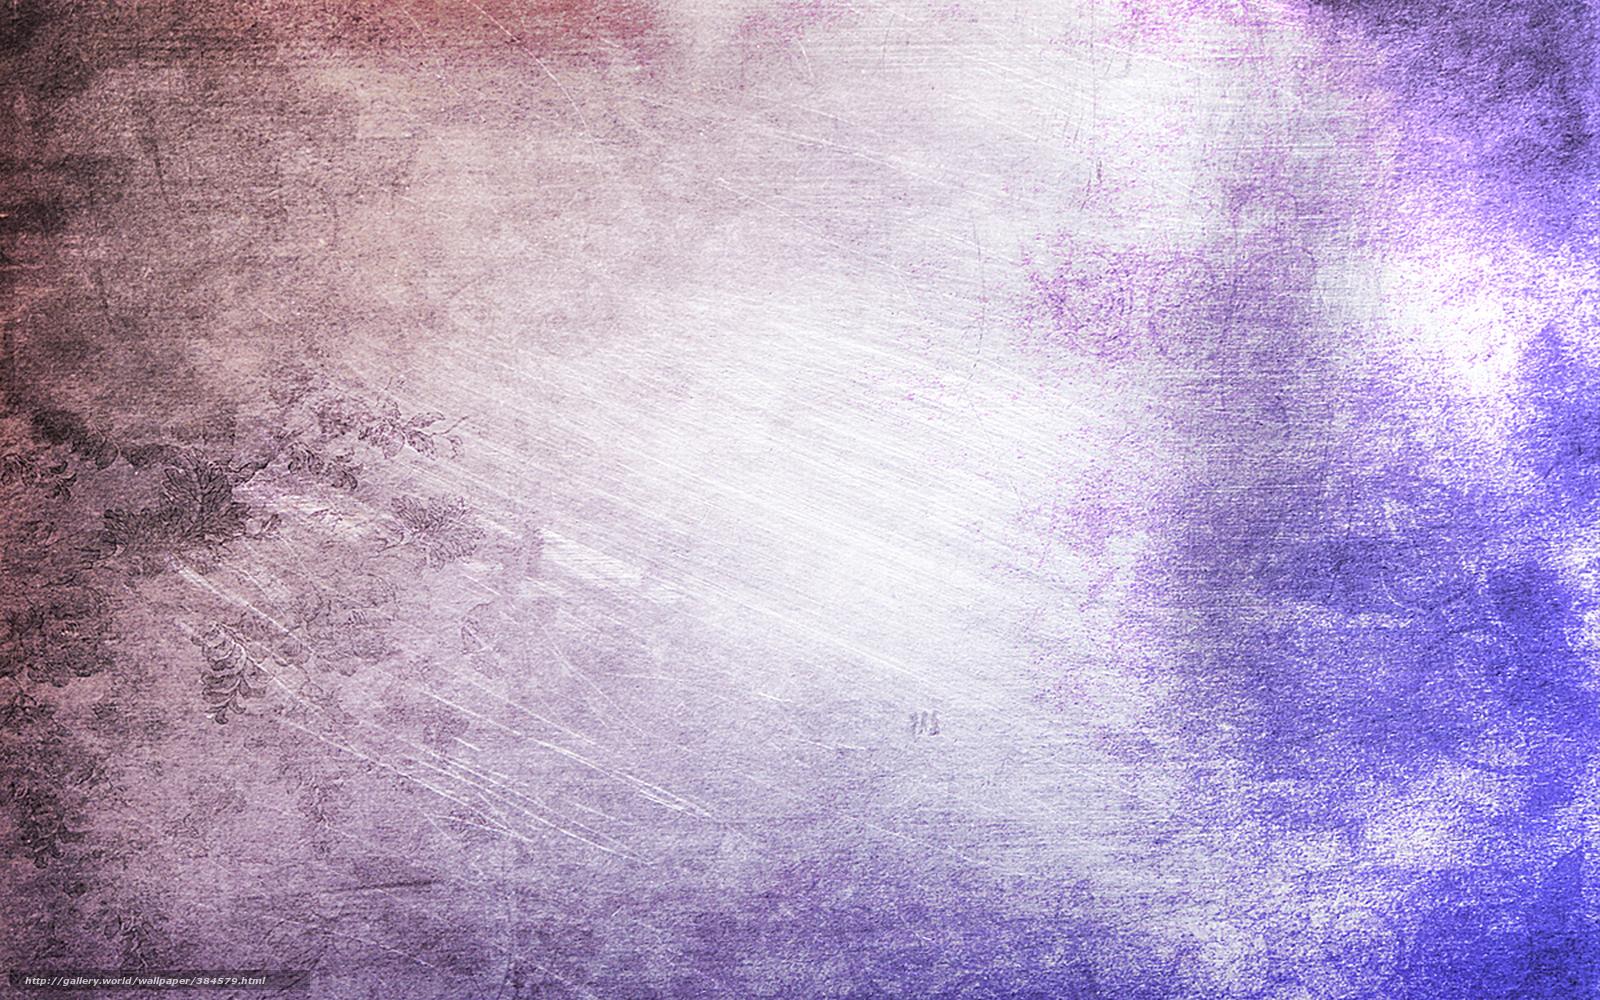 текстура, свет, узоры, царапины, фото, обои, картинка #384579 ...